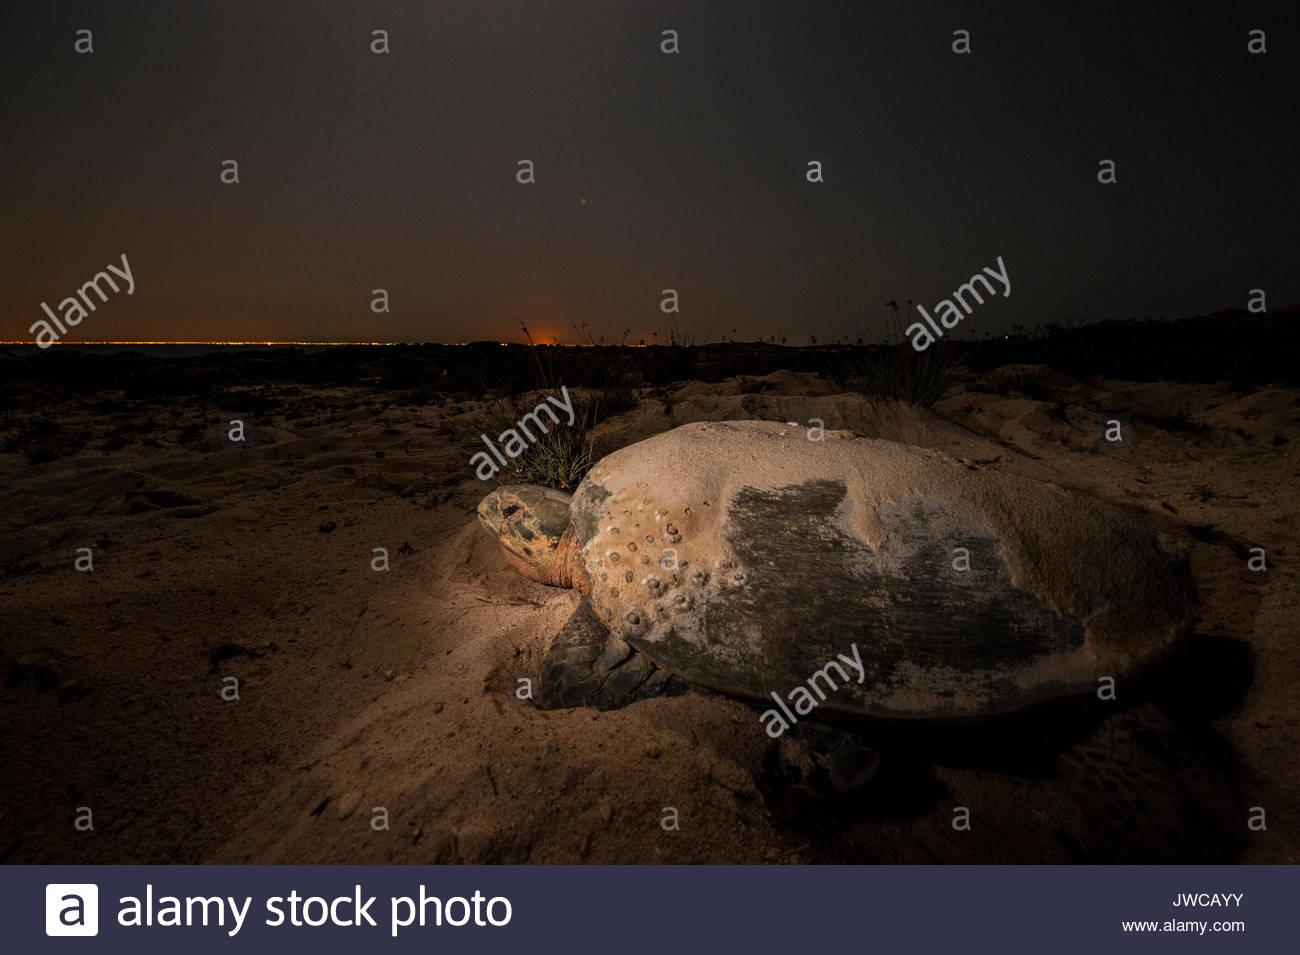 Une tortue imbriquée Eretmochelys imbricata,,en Oman, la réserve naturelle des îles Daymaniyat. Banque D'Images